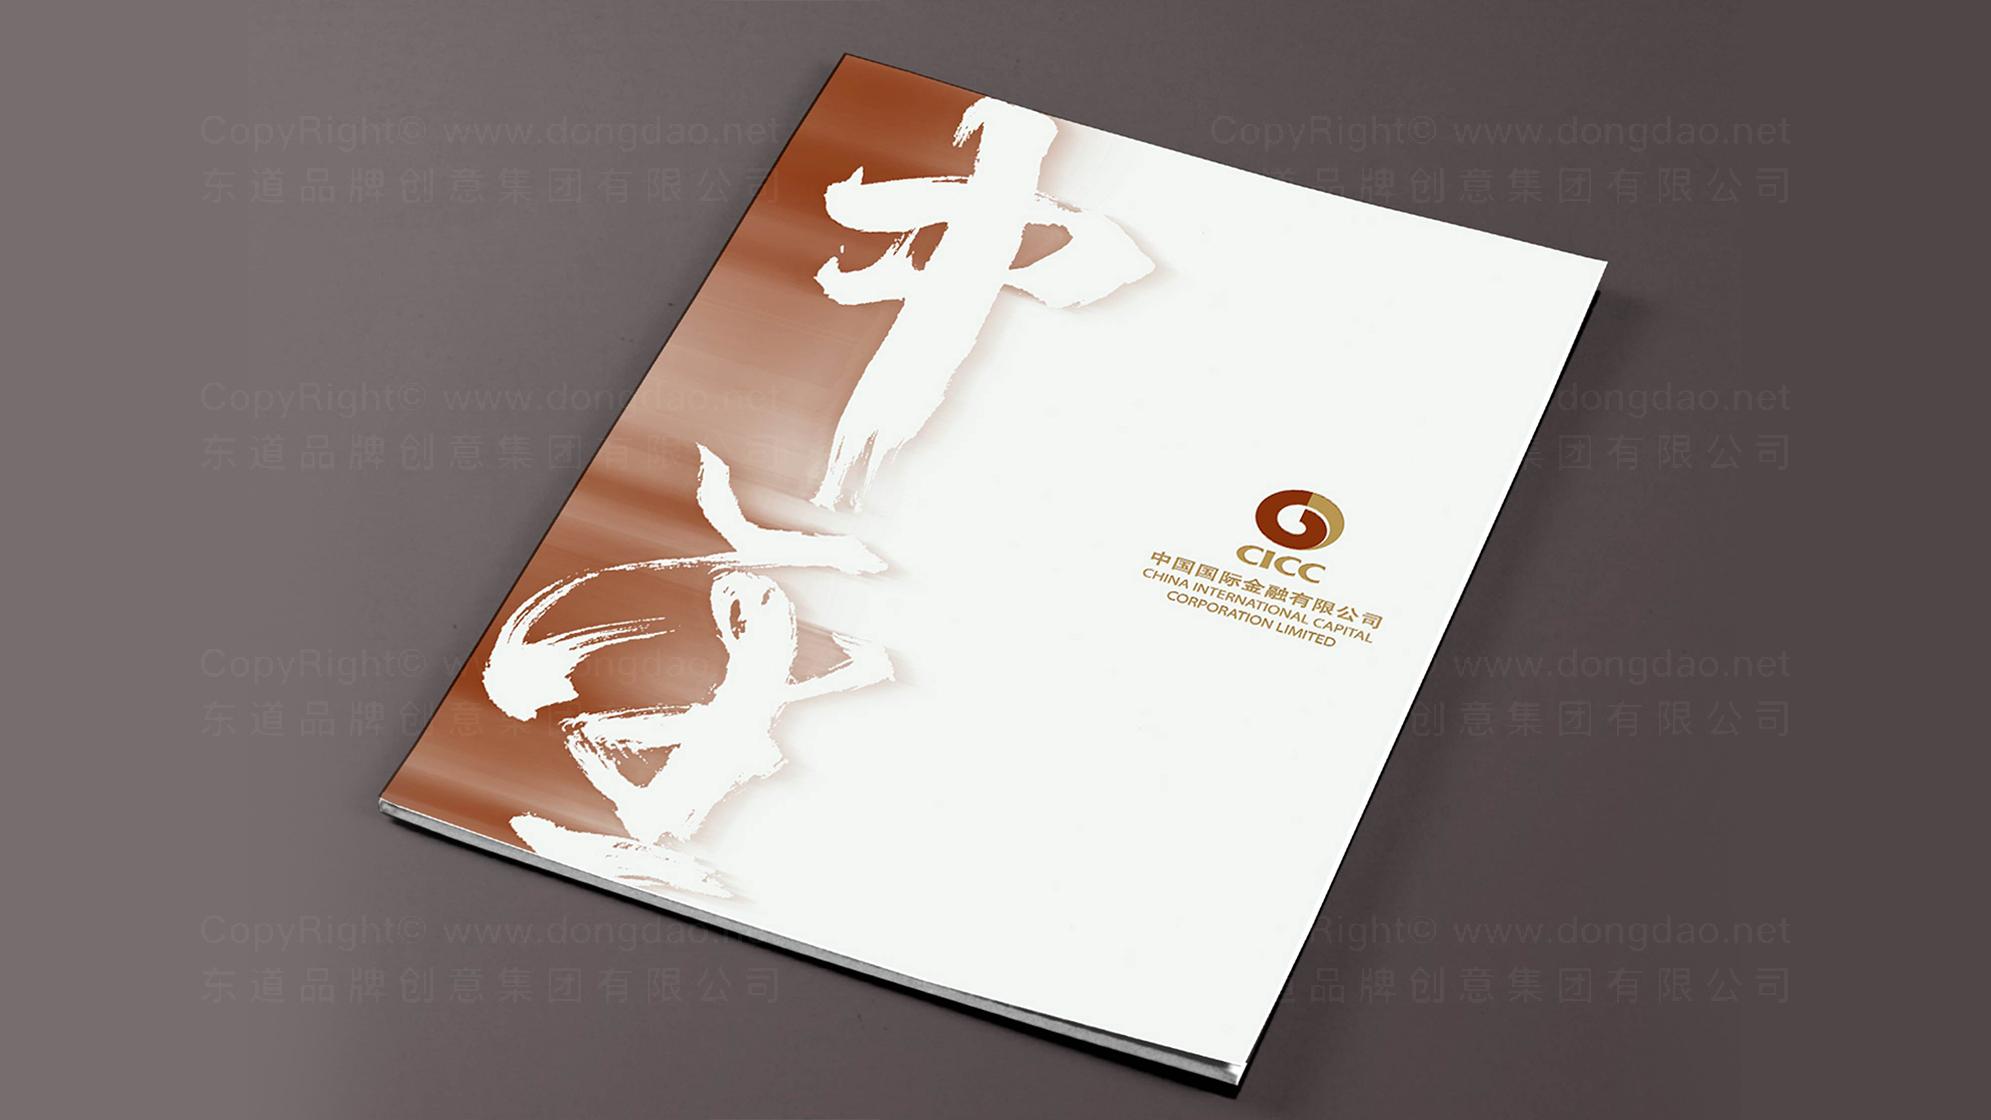 金融公司logo设计应用场景_2